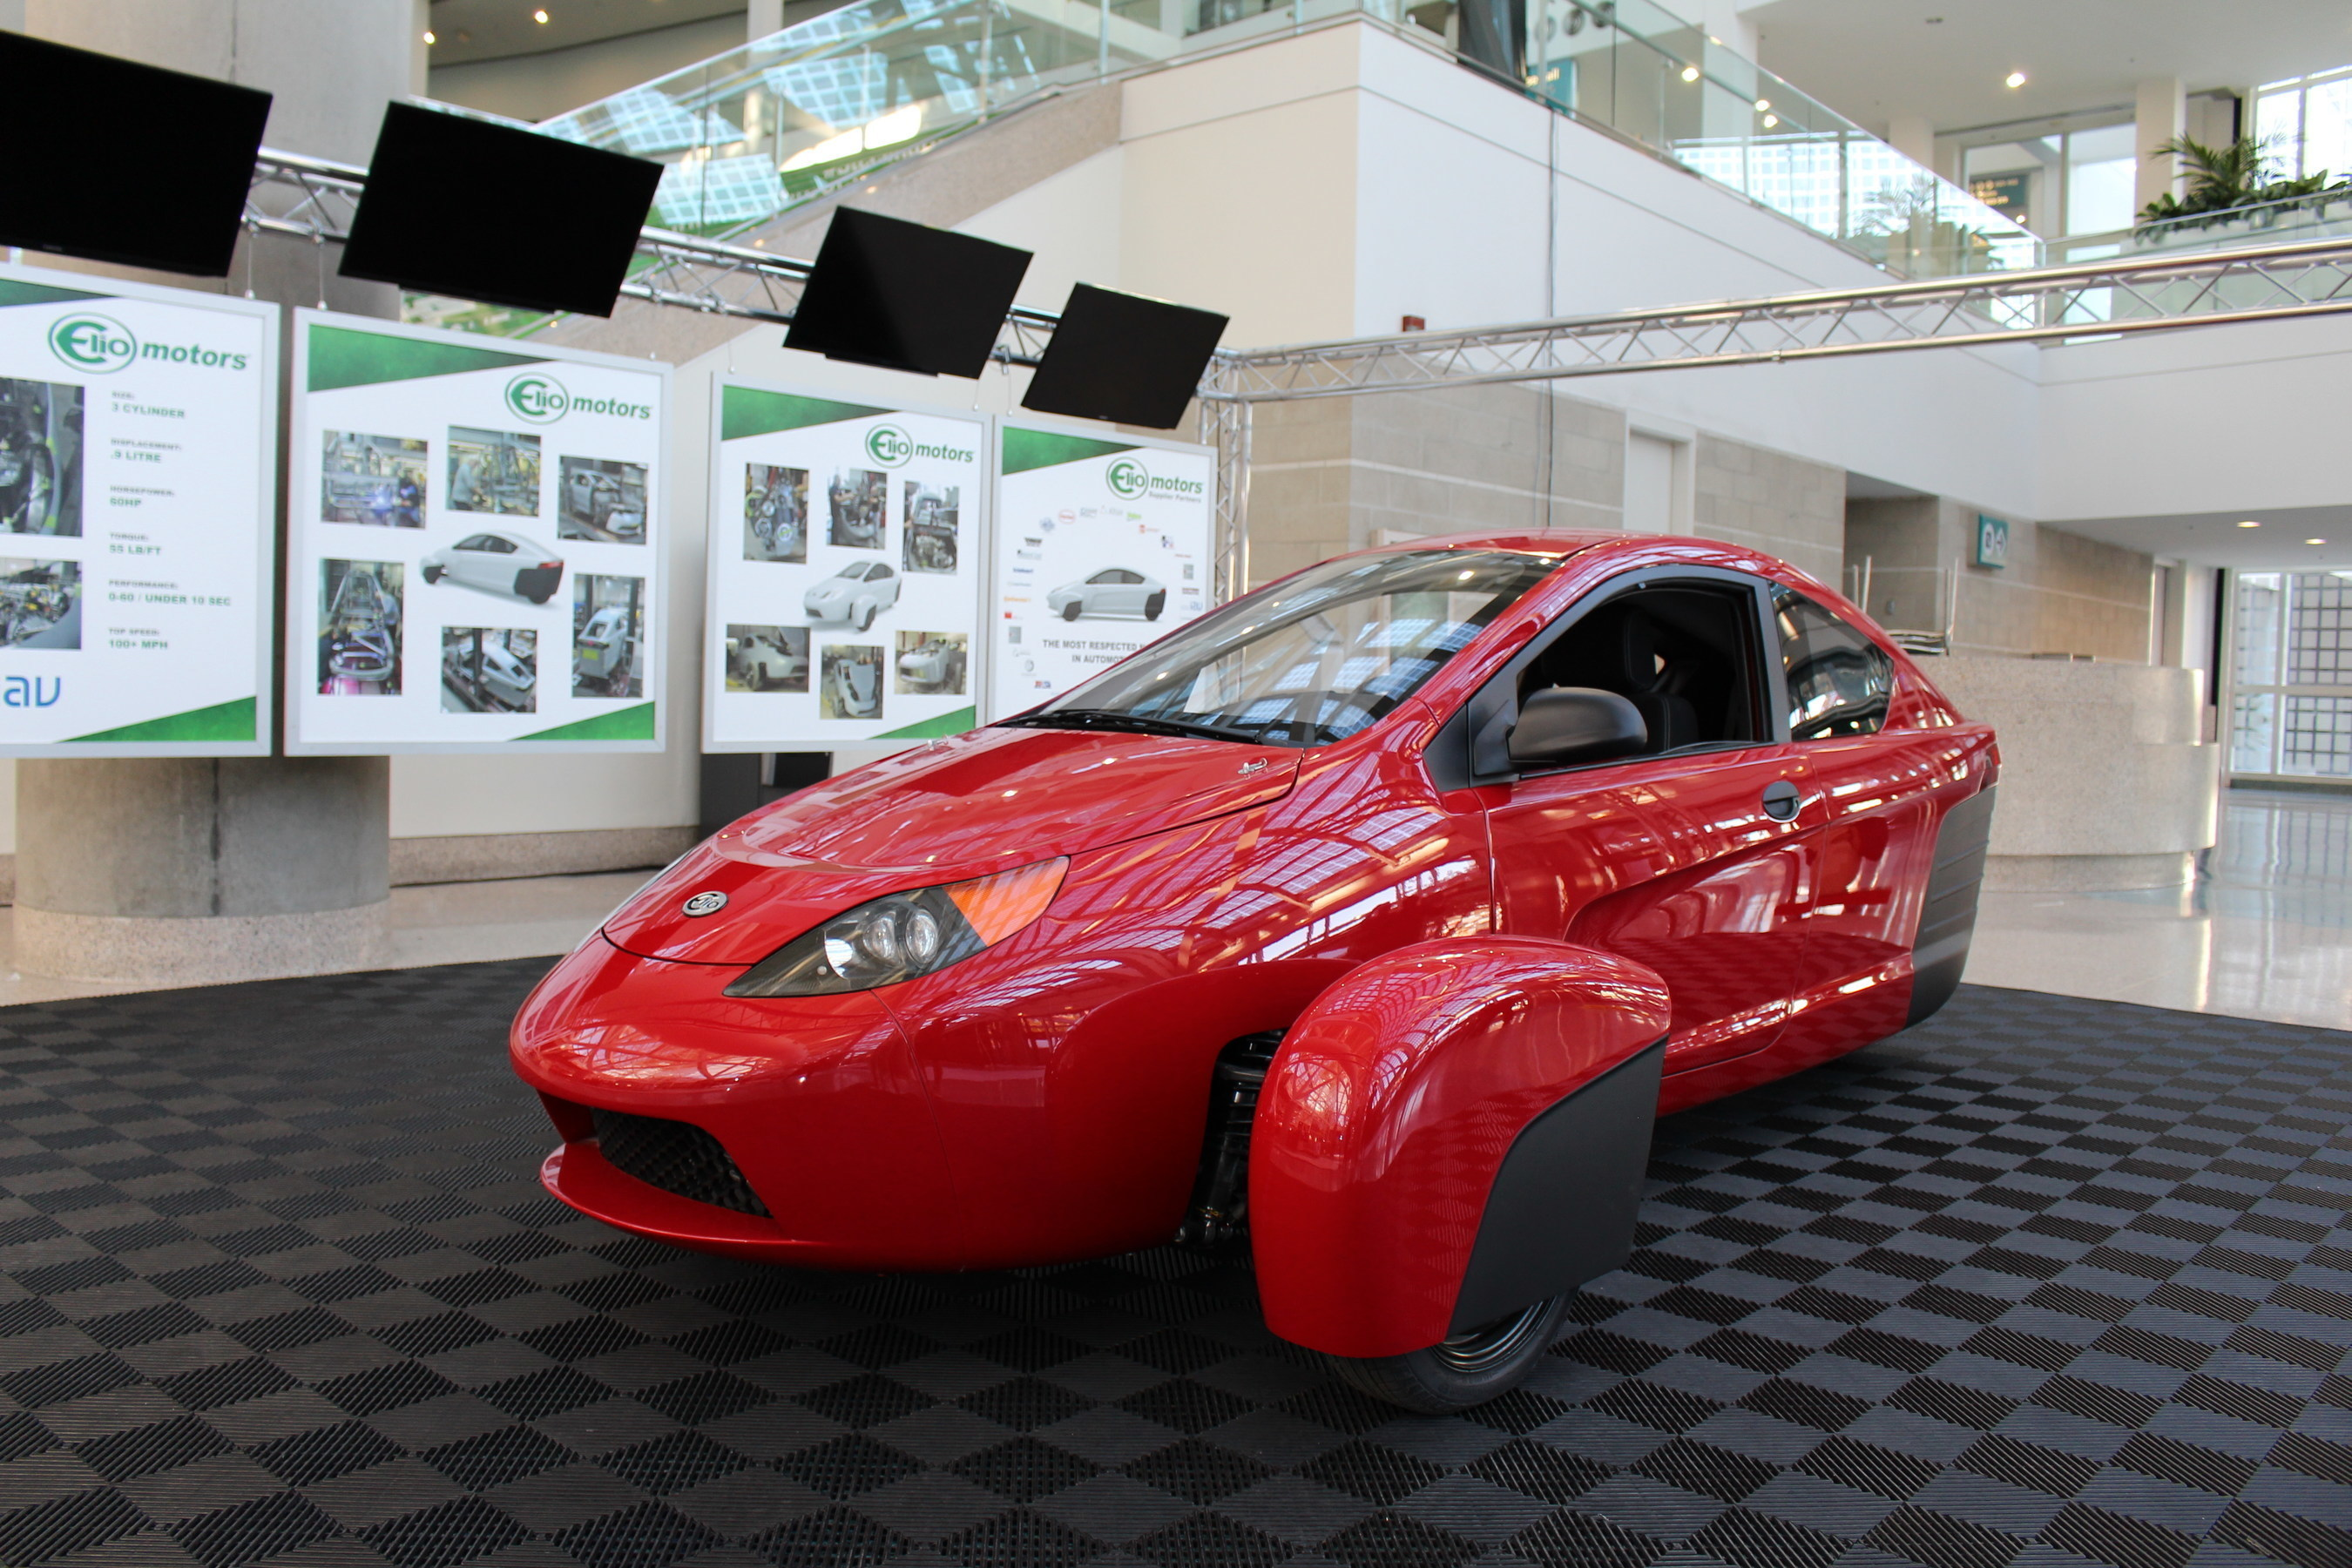 Elio Motors' newly unveiled P5